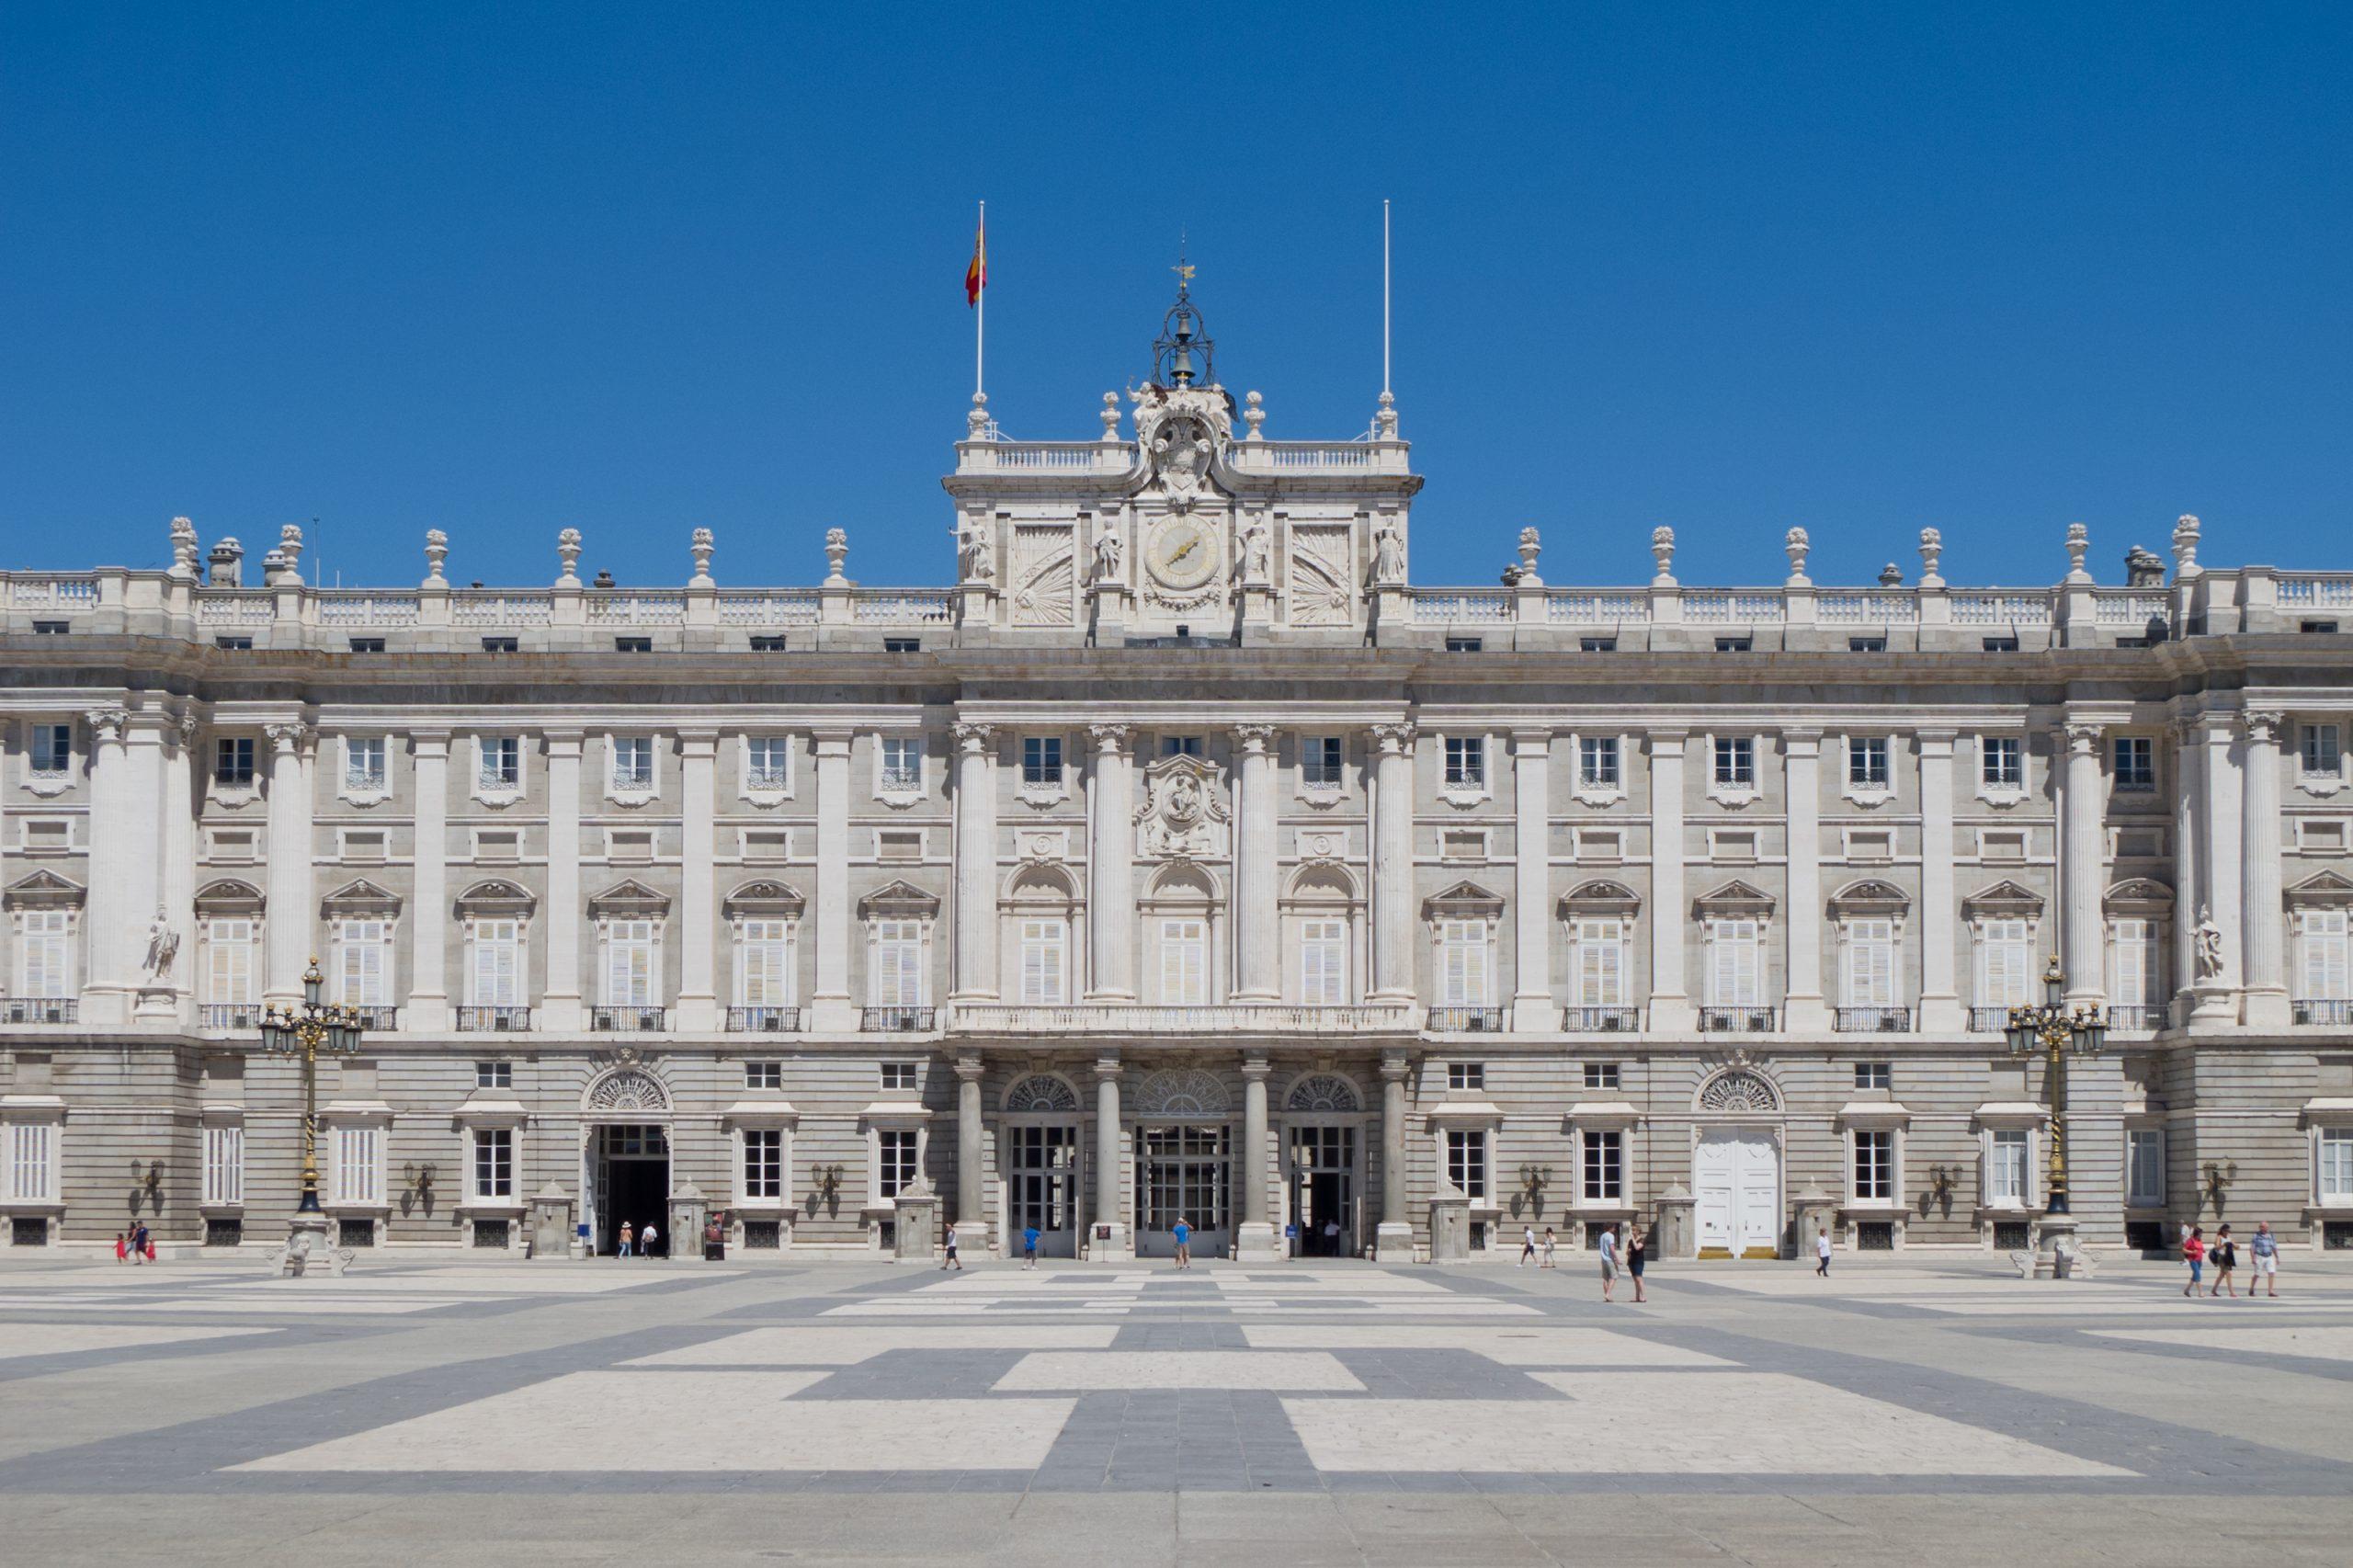 Билеты за полцены для посещения Королевских мест в четырех регионах Испании